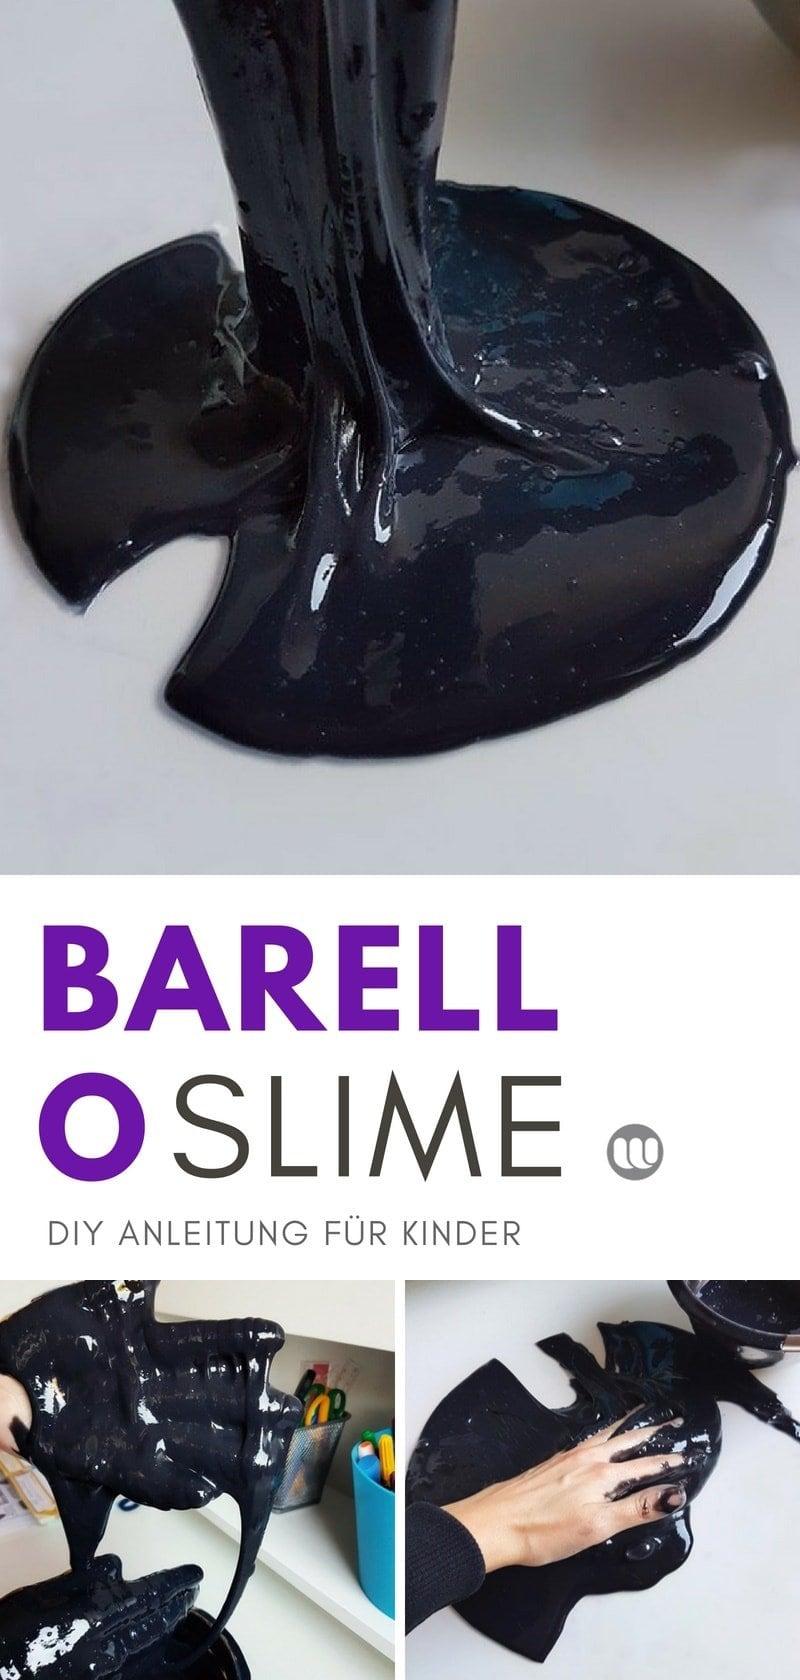 Barrel-O-Slime selber machen: Rezept und Anleitung für pechschwarzen Öl-Schleim #slime #selbermachen #slime_rezepte #schleim